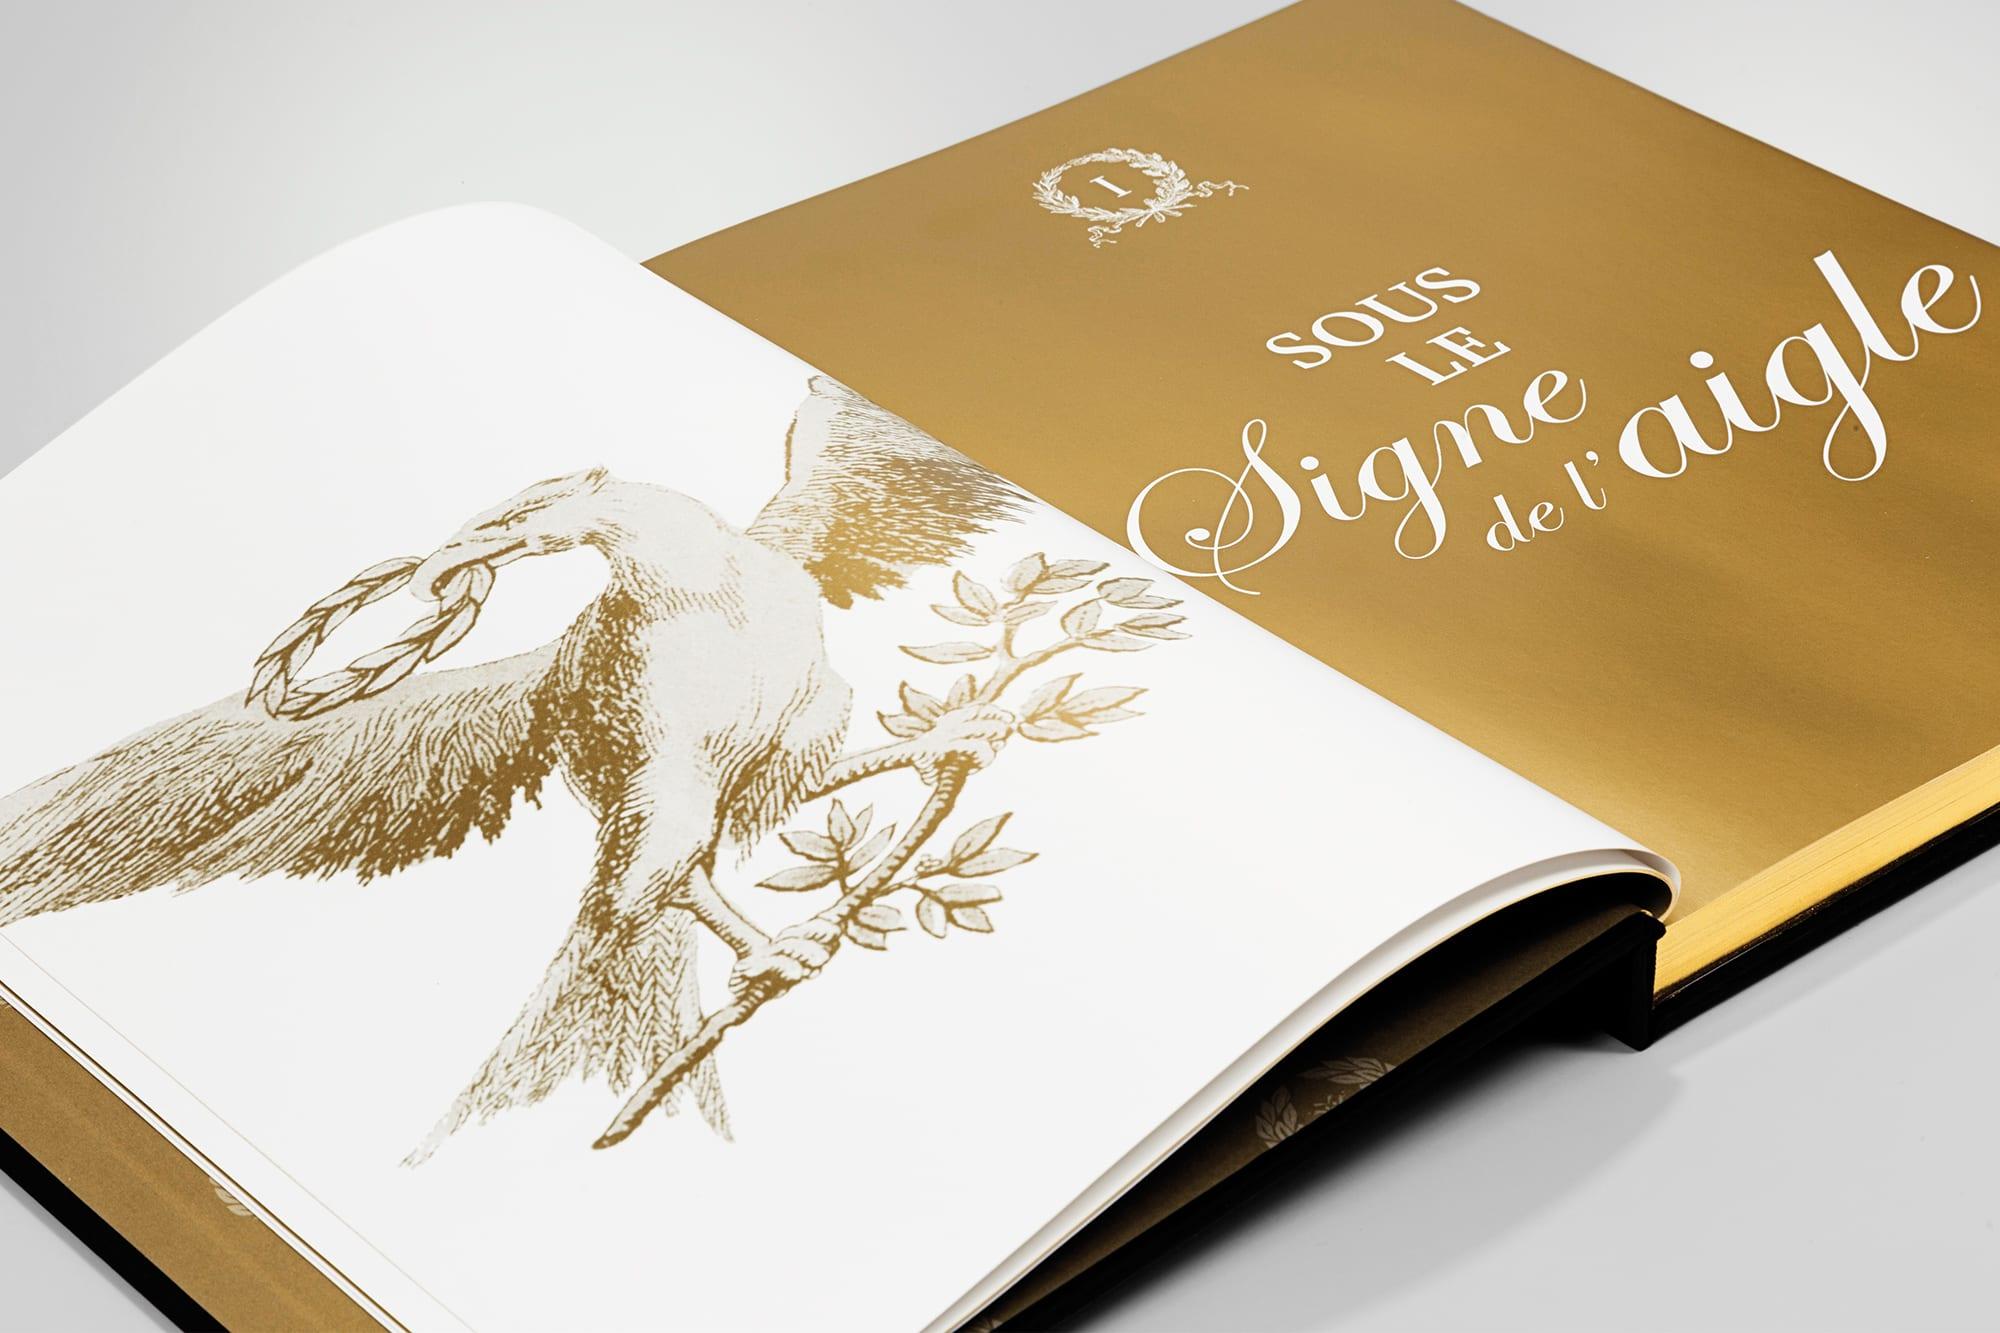 Livre Shangri-La ouverture chapitre